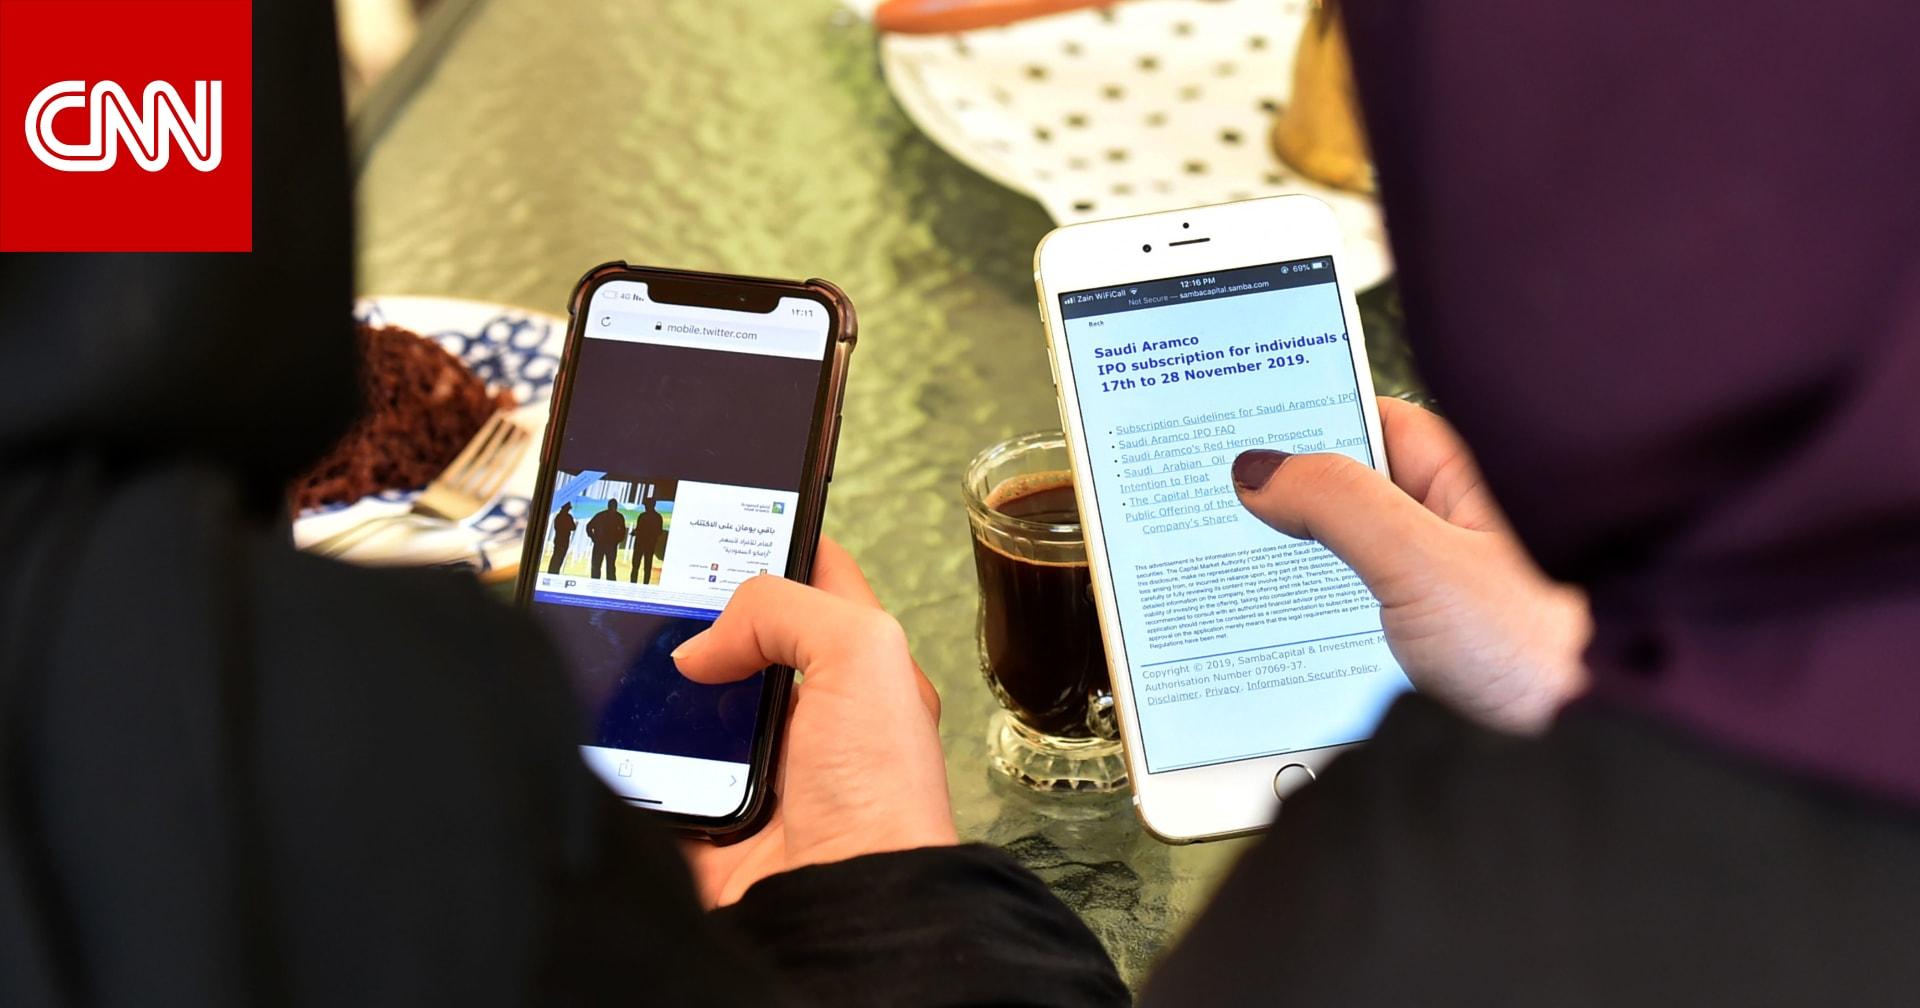 ما هي الدول العربية الأكثر والأقل تكلفة للغيغابايت الواحد من بيانات الهاتف المحمول؟